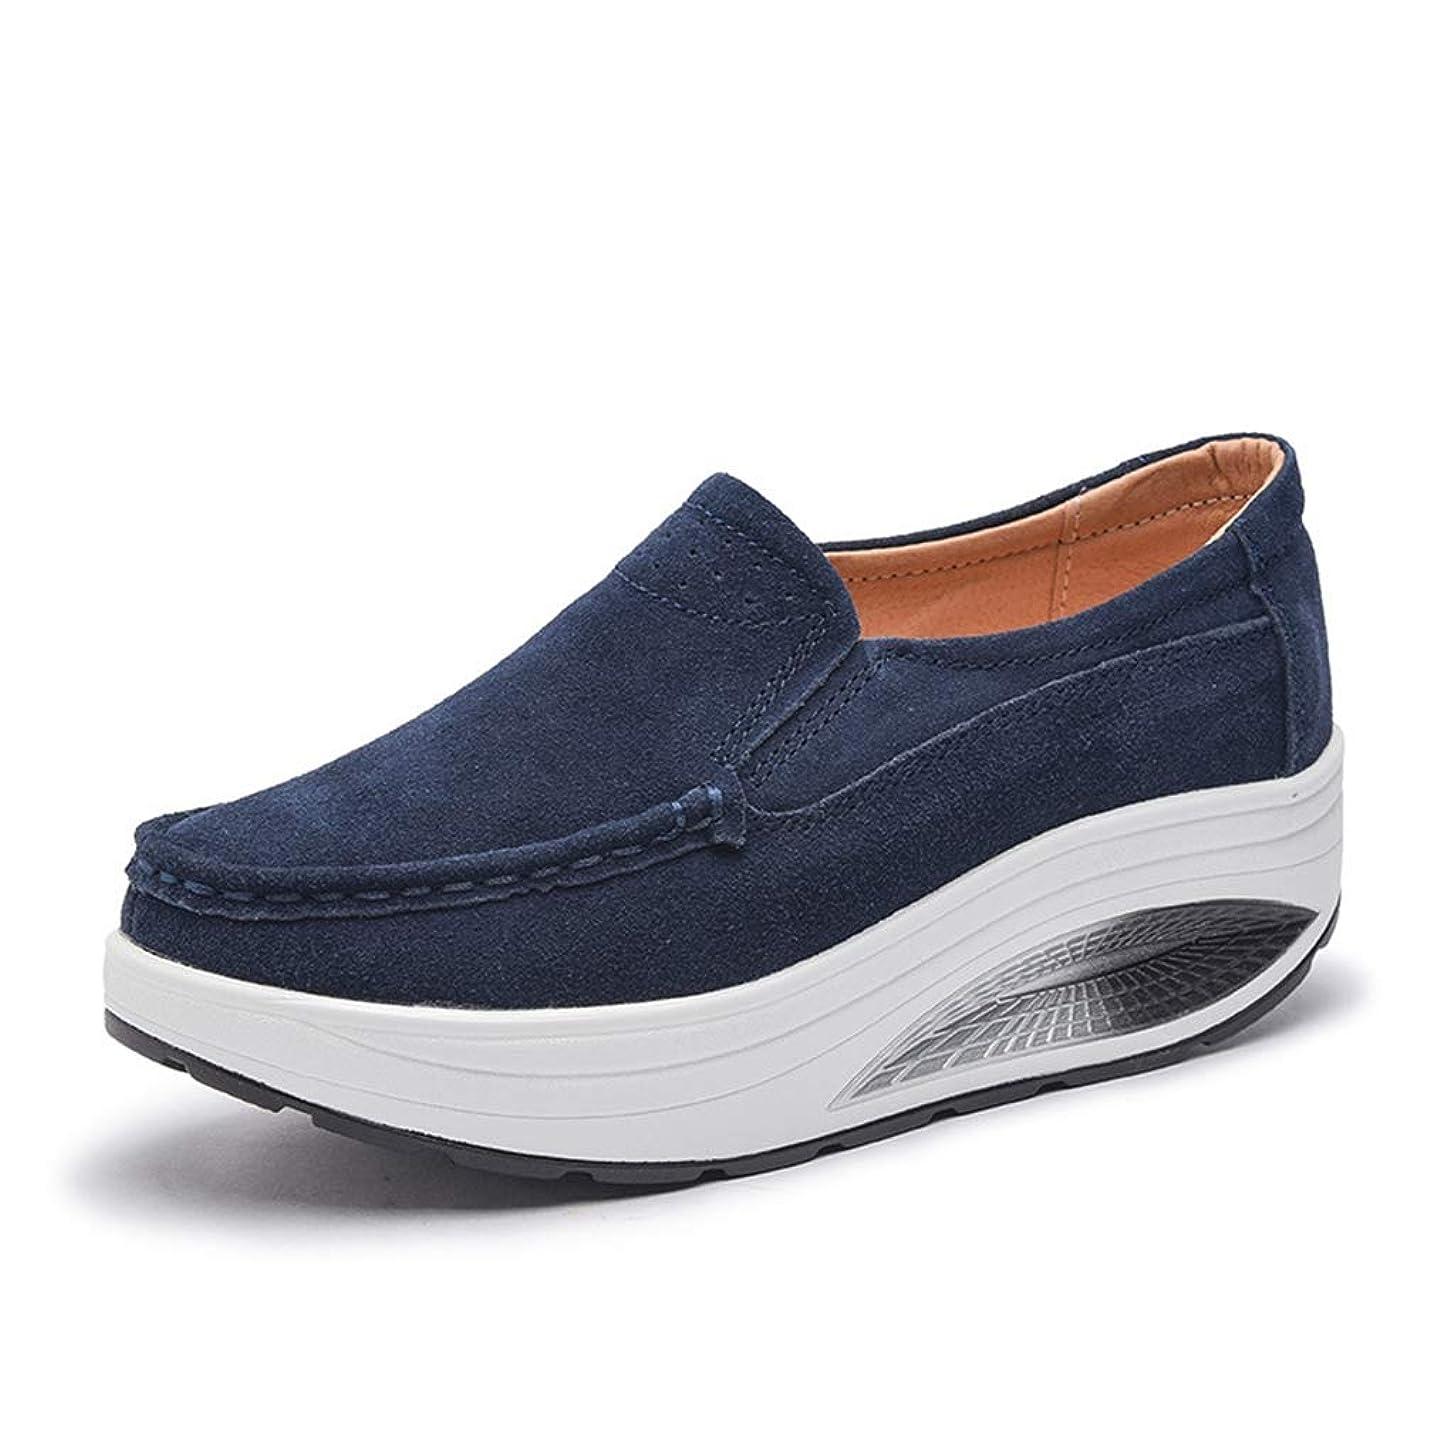 放置可能性ステージ[OceanMap] 船型底ナースシューズ レディース ダイエットシューズ 厚底スニーカー 姿勢矯正 ダイエット 美脚 軽量 ローファー ウォーキングシューズ 看護師 作業靴 歩きやすい 疲れない 婦人靴 厚底シューズ 25cm 25.5cm